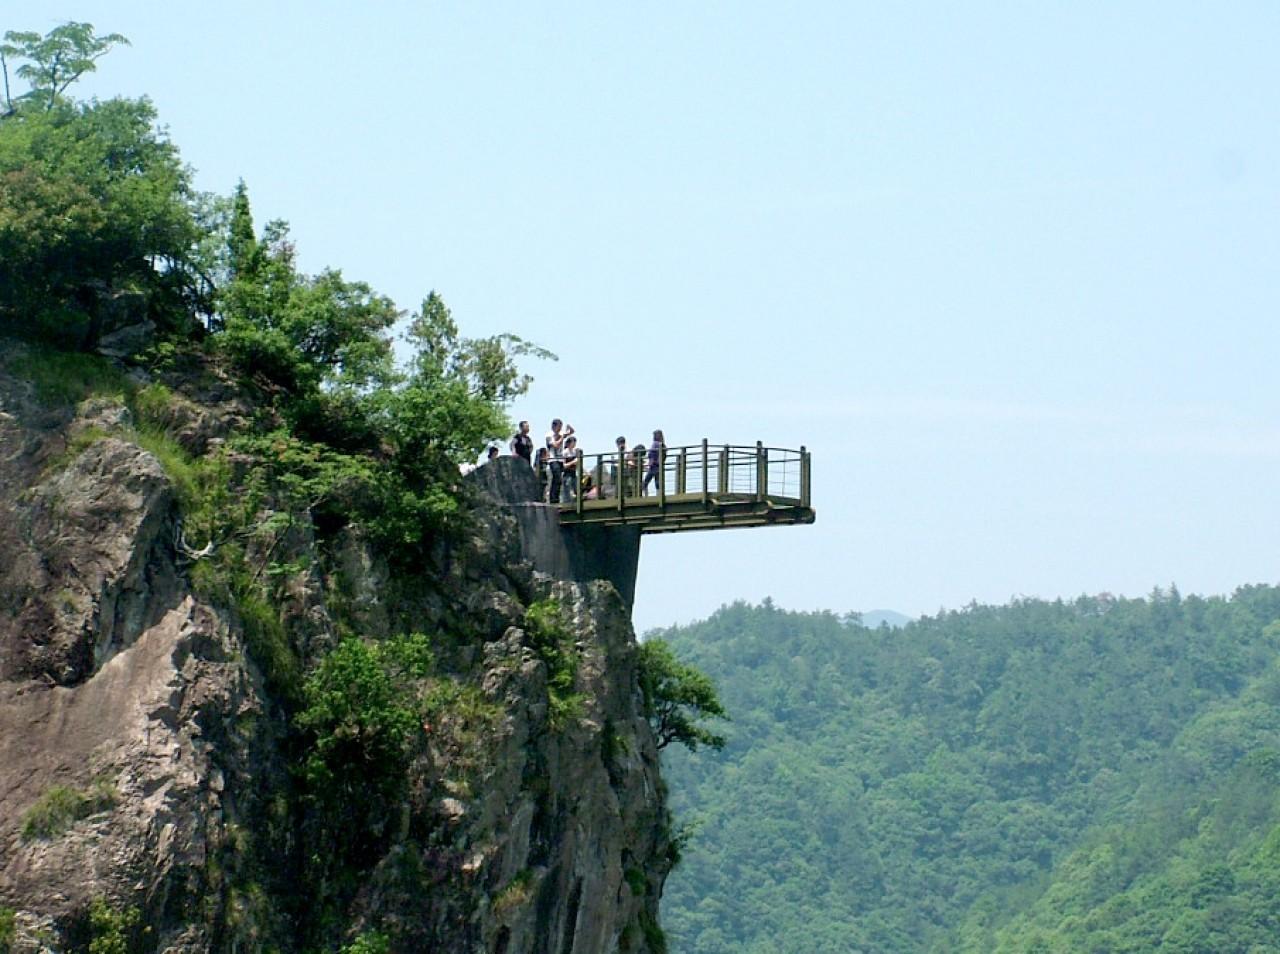 登上300多米高的中国第一悬空玻璃u型观景台,相当约100层的高楼,脚下